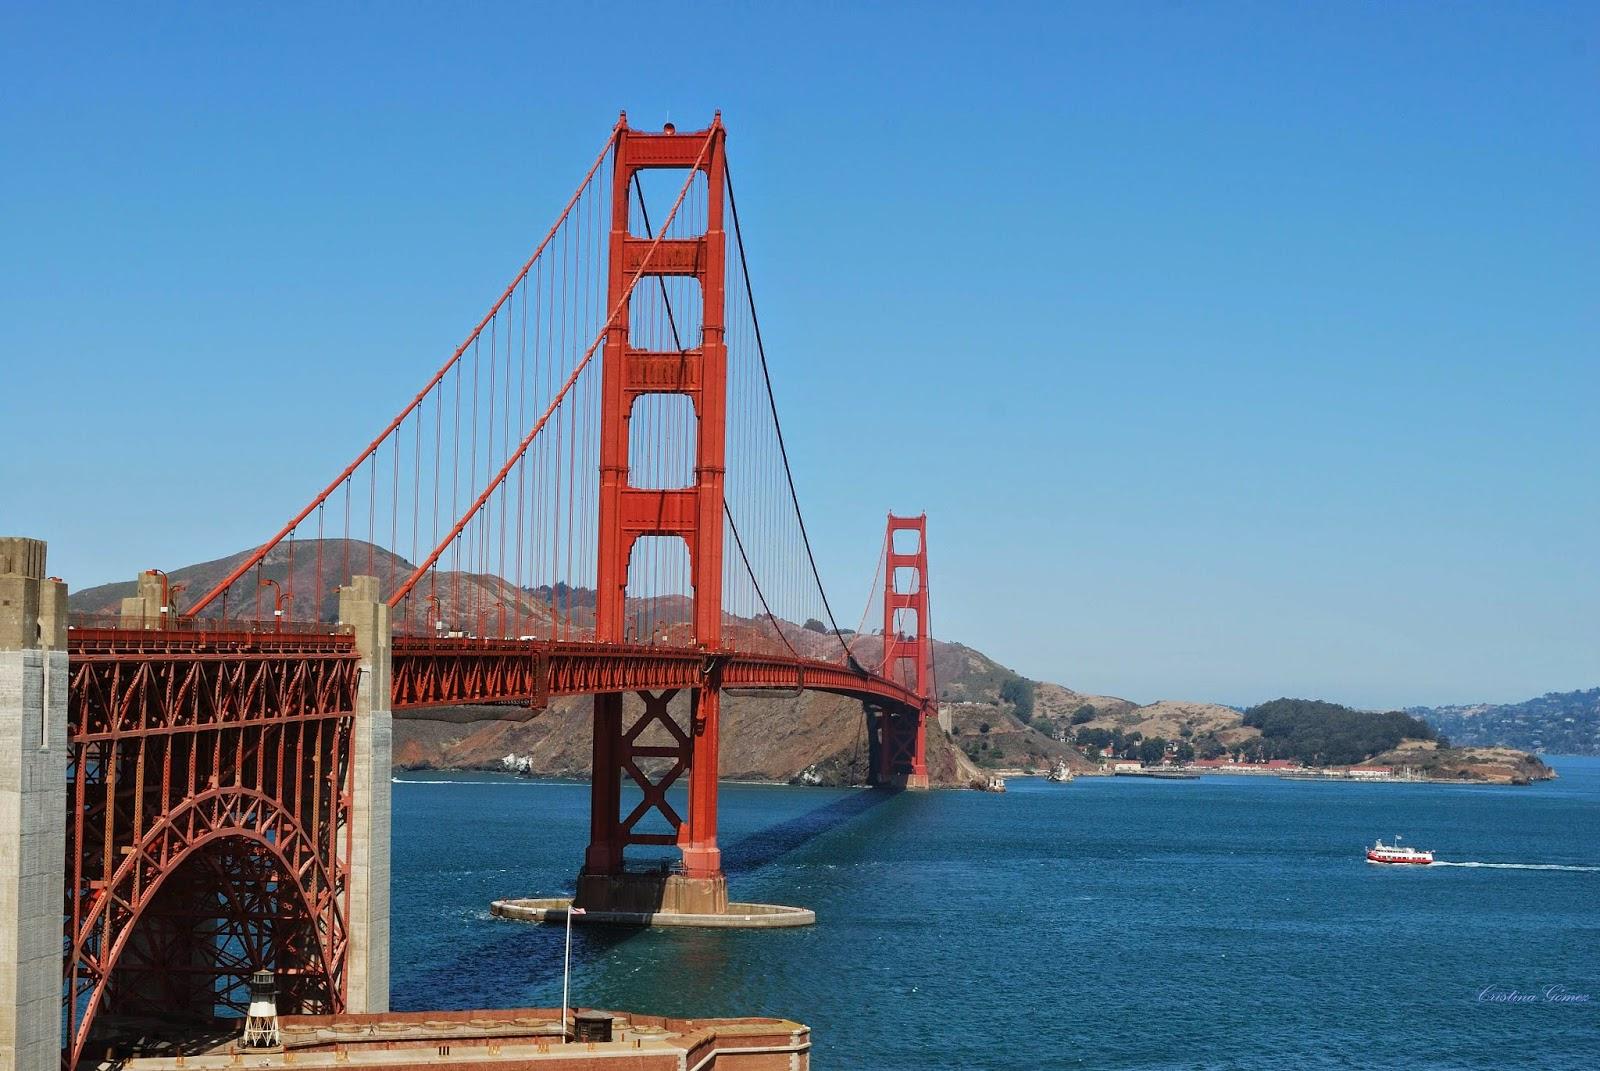 Bridges of San Francisco: Golden Gate Bridge